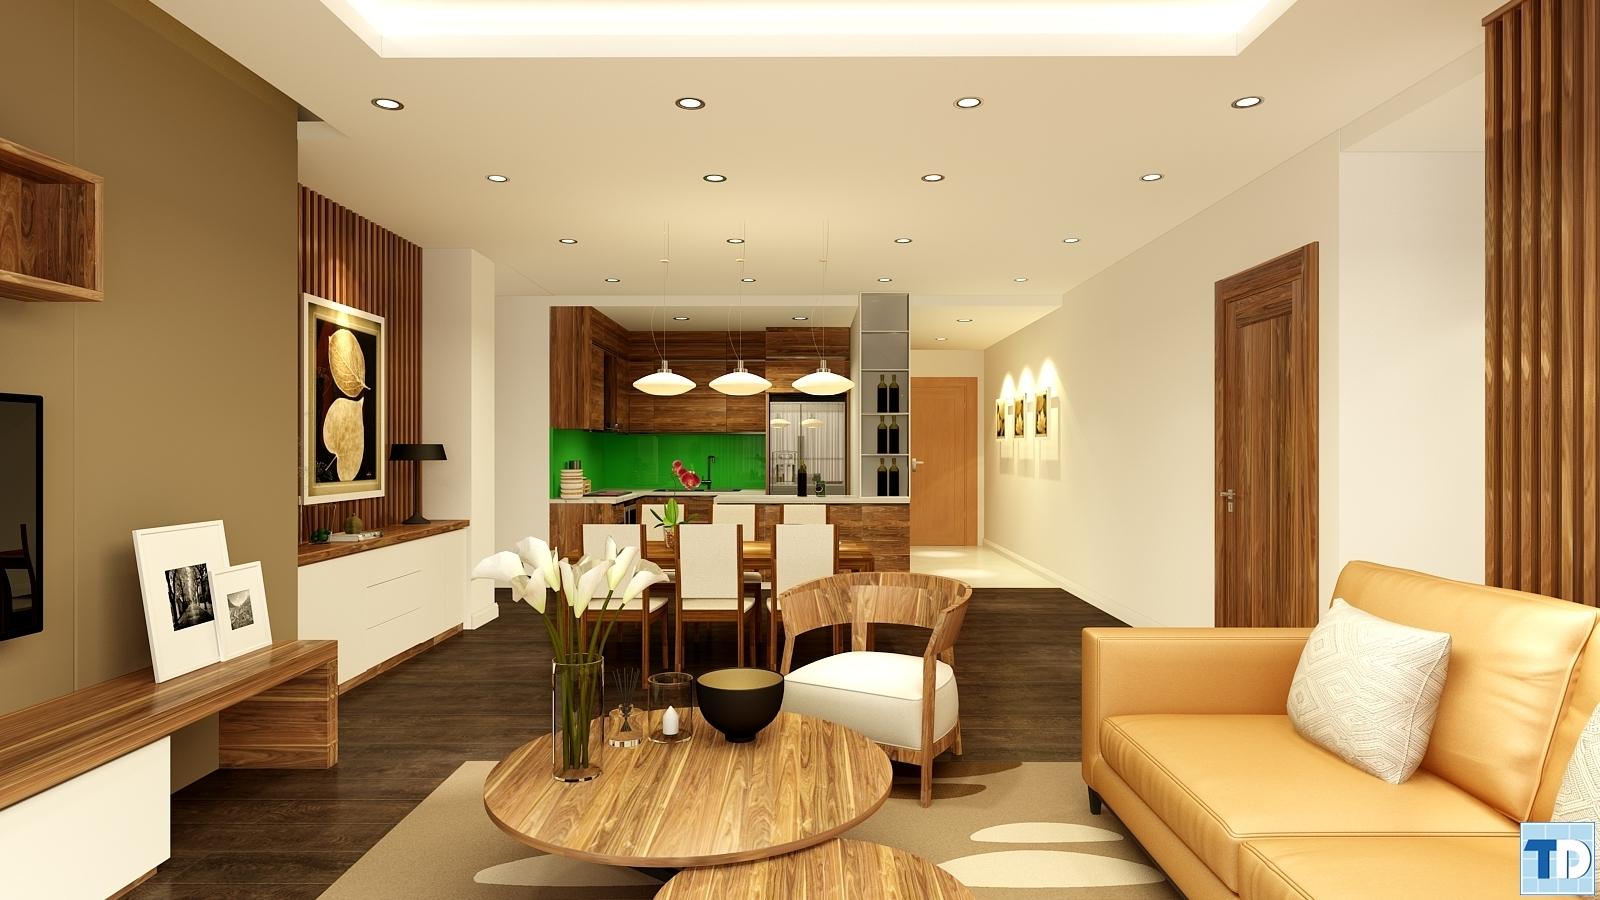 Phòng kháchnhà Anh Thành phòng B3811 Khu chung cư cao cấp Thăng Long Number One